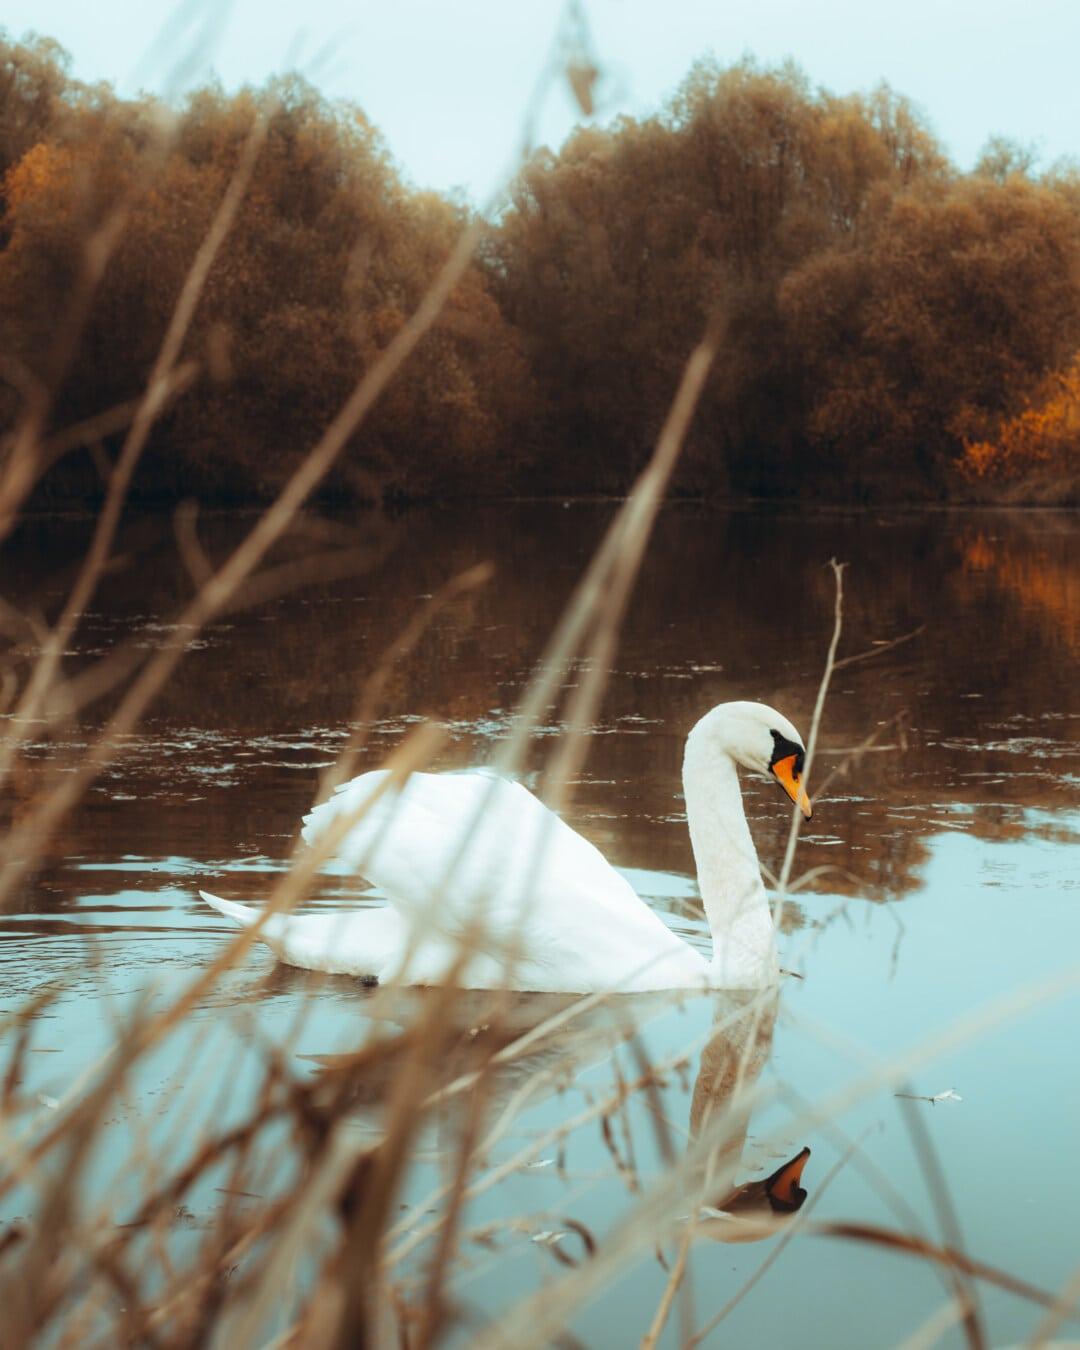 saison de l'automne, marais, cygne, nature, eau, oiseau, oiseaux aquatique, Lac, Hiver, réflexion